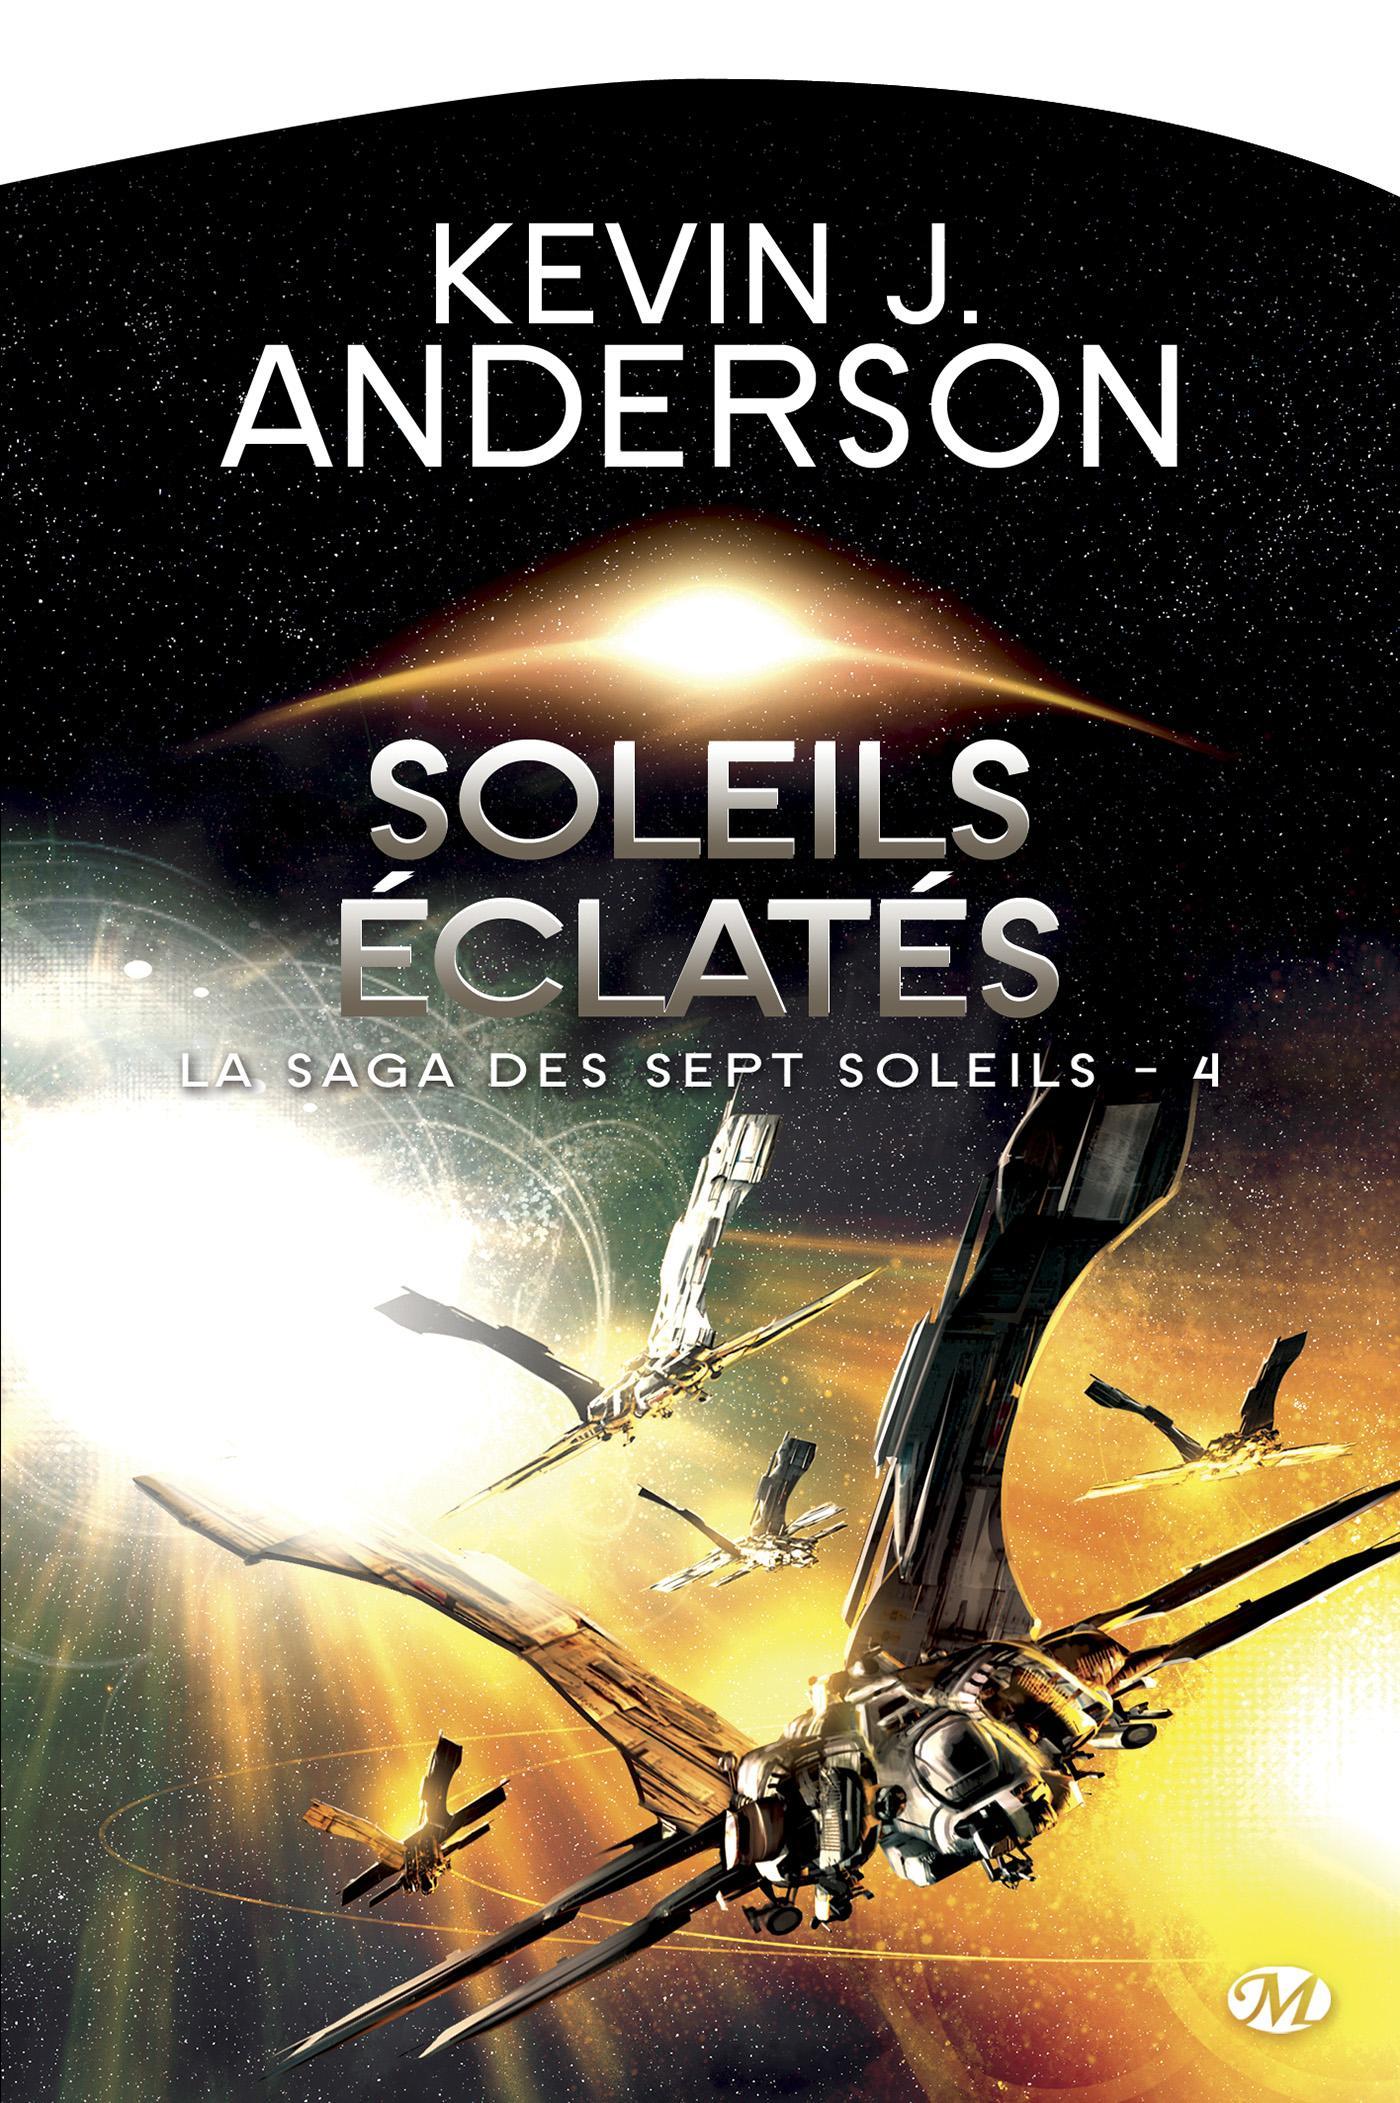 Soleils éclatés, LA SAGA DES SEPT SOLEILS, T4